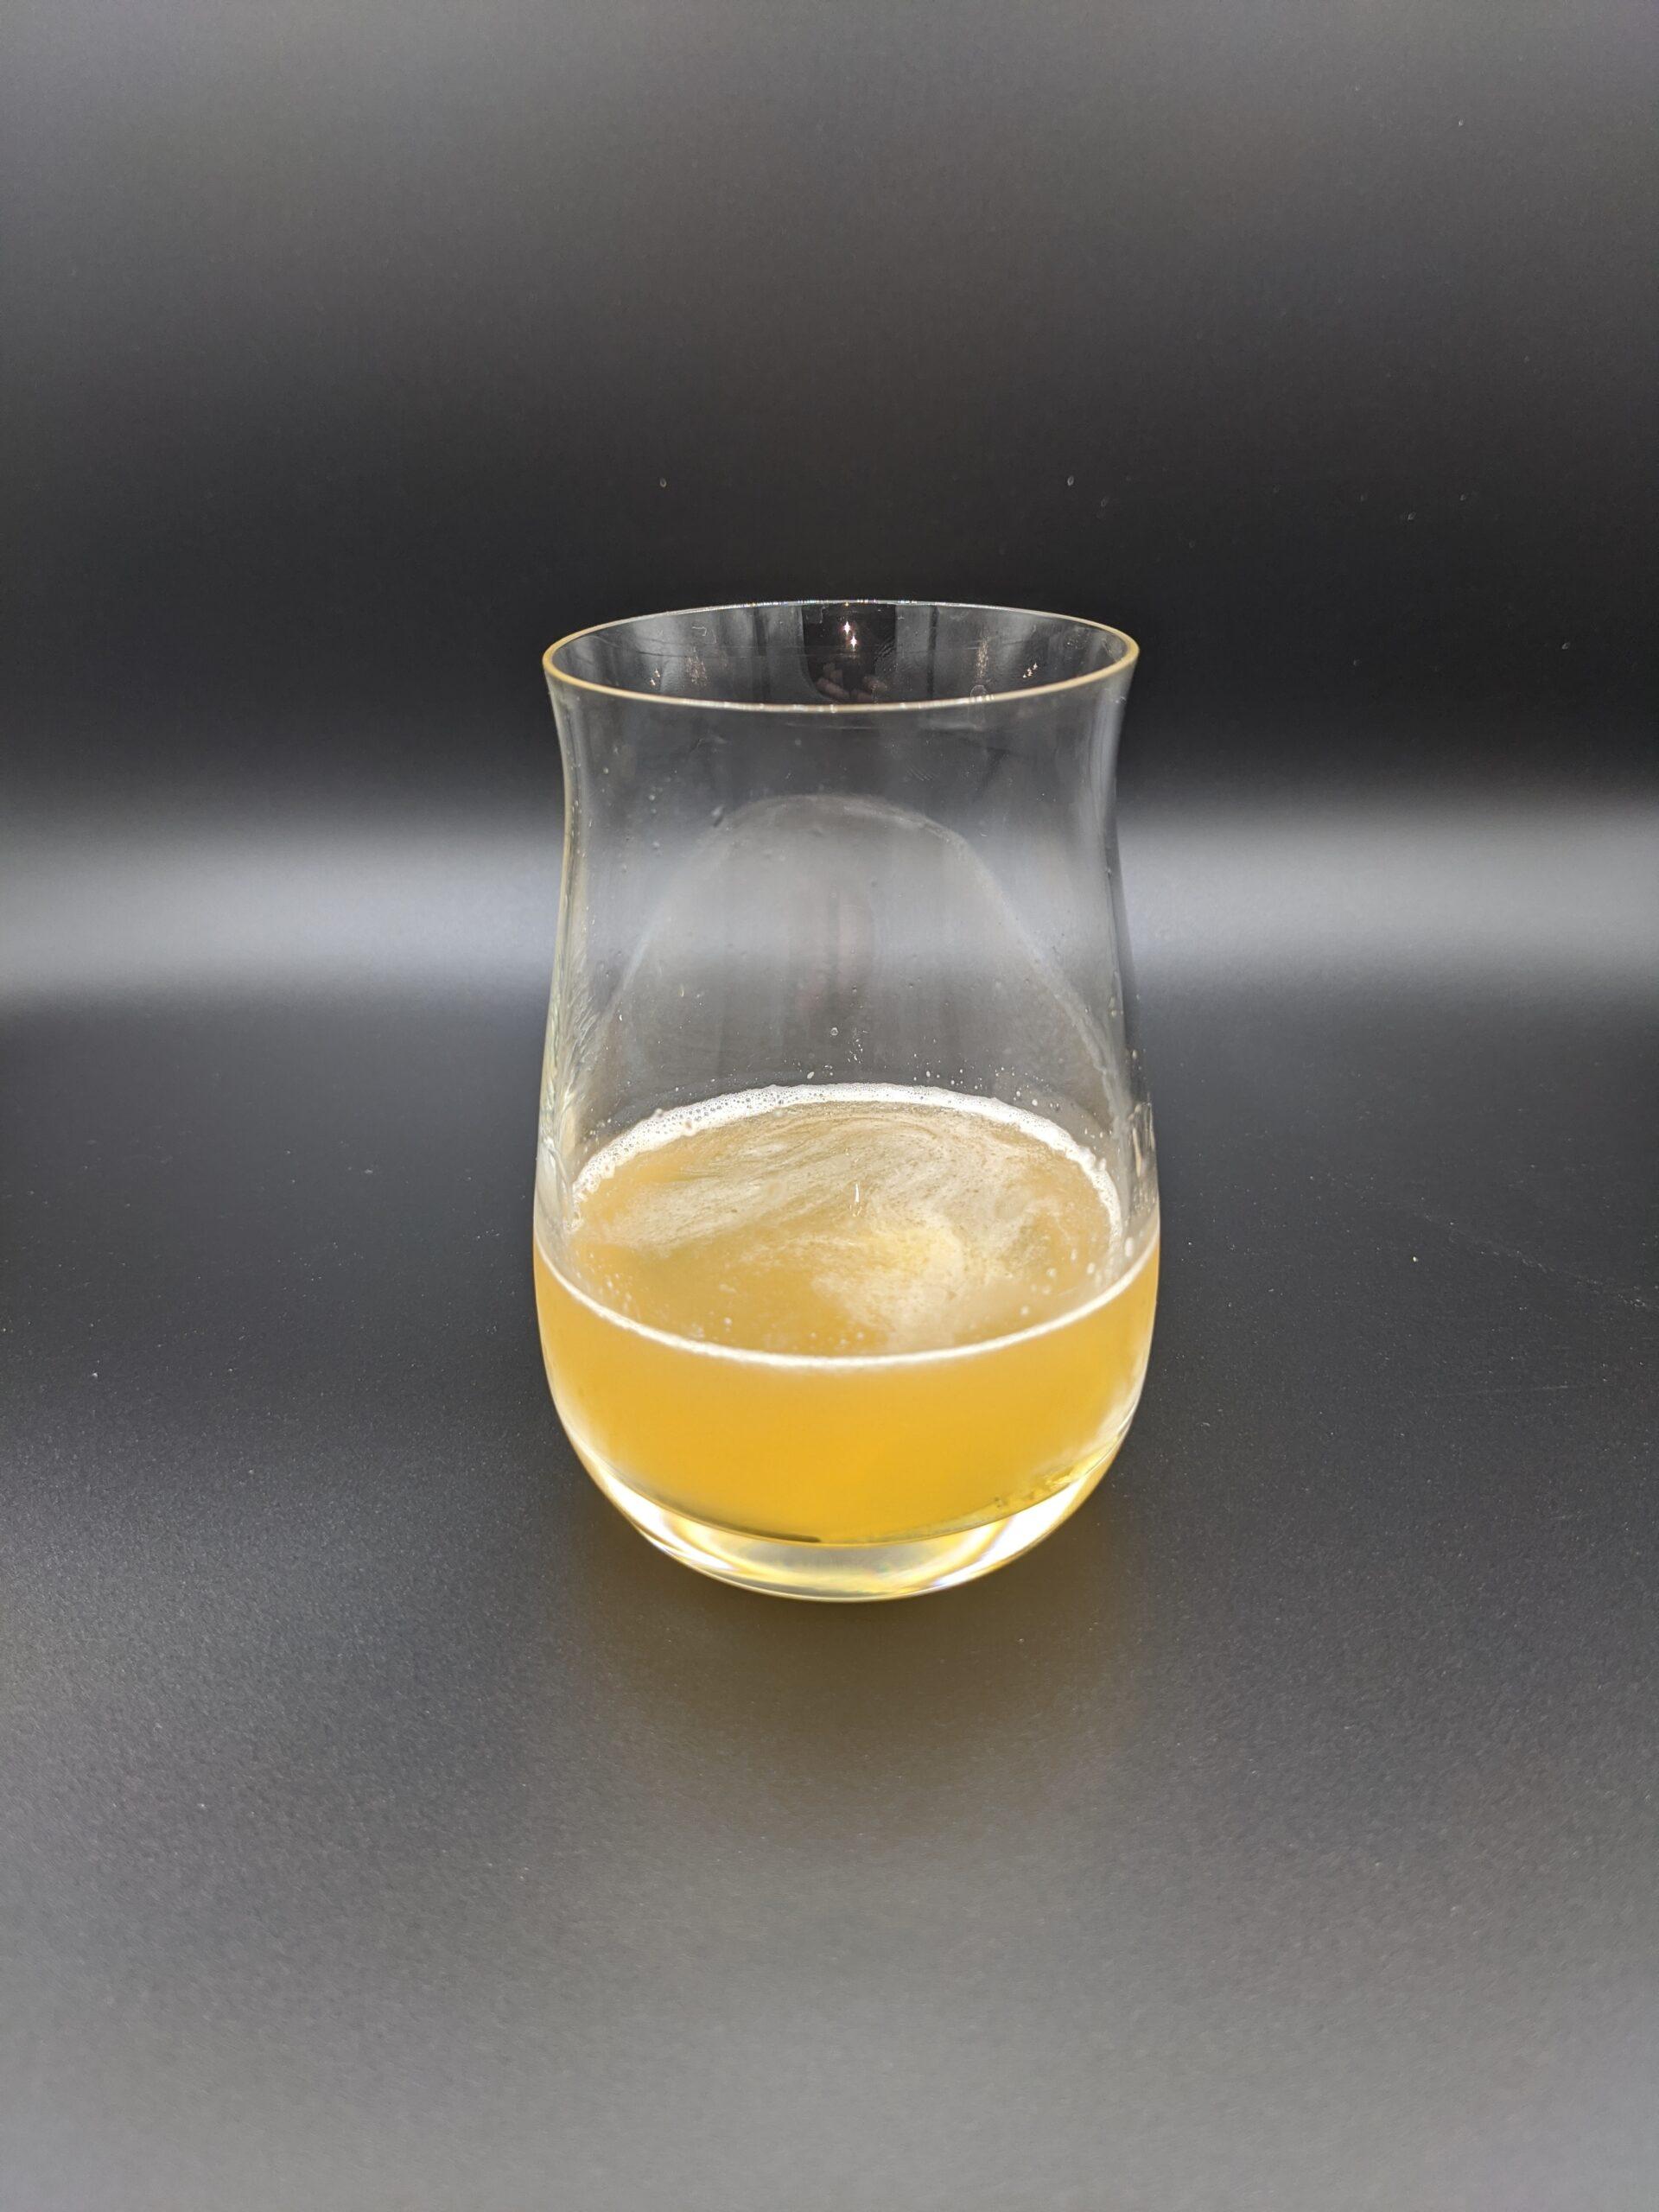 résultat de la recette de Whisky sour au miel local et au whisky canadien